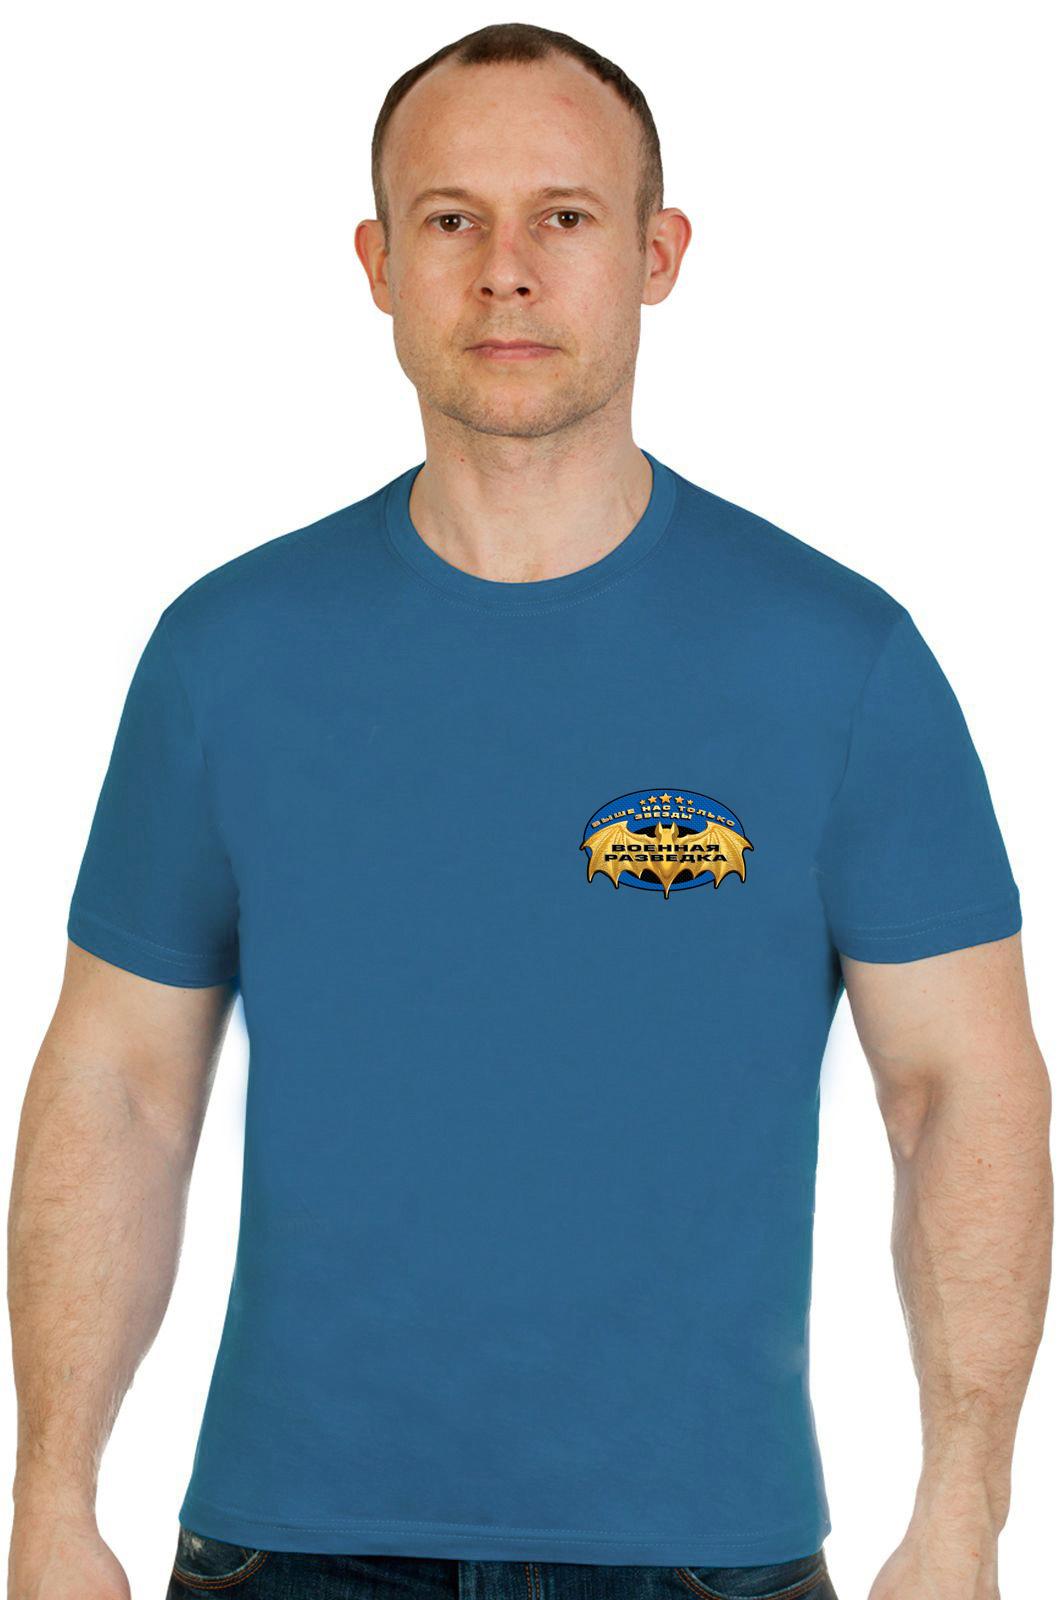 Заказать нетривиальную футболку разведчика военного по выгодной цене